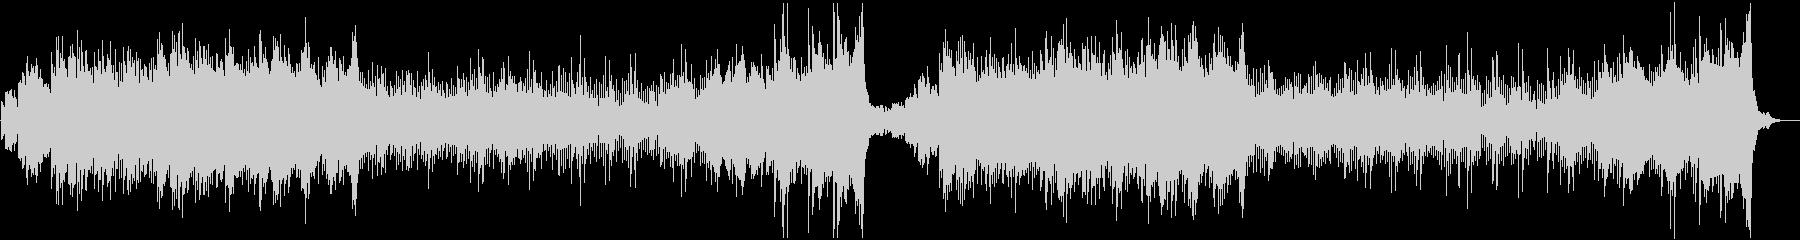 ホラー・不気味なオルゴール・ワルツの未再生の波形